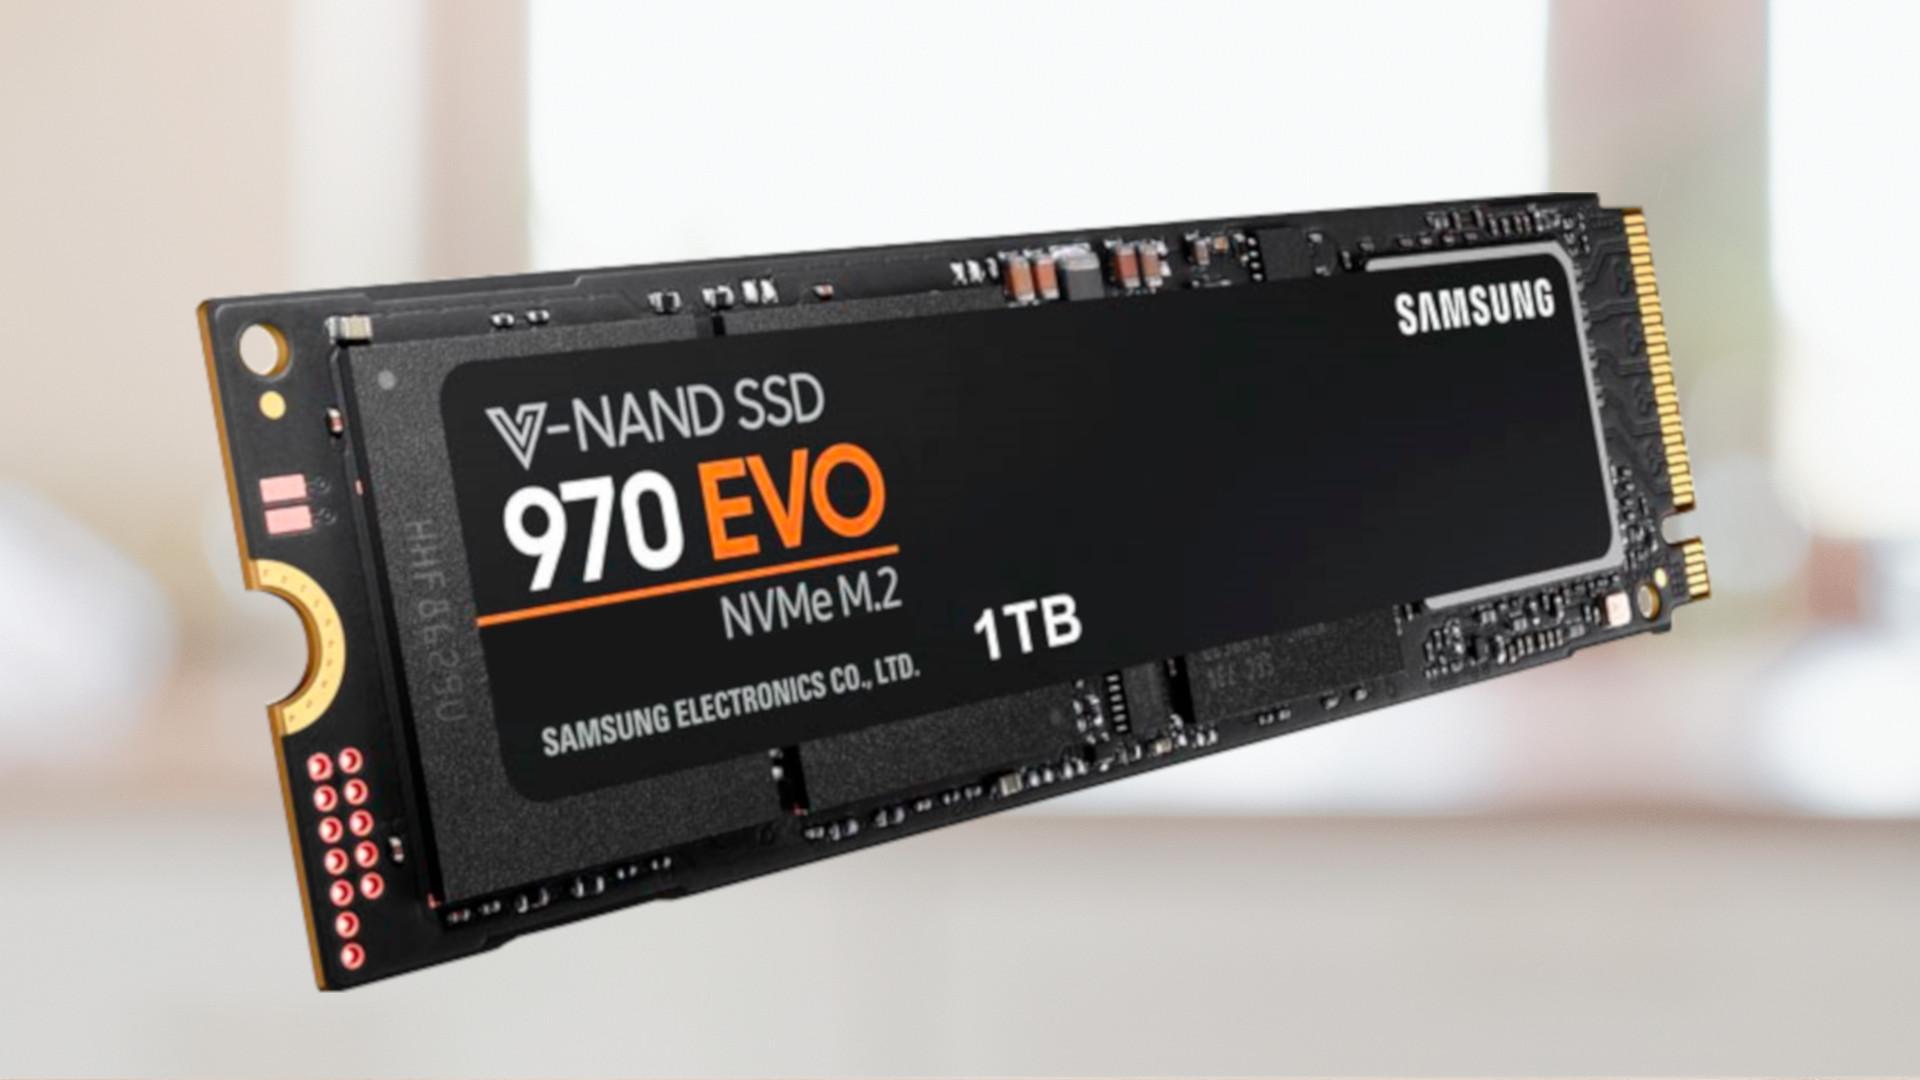 Samsung 970 EVO im Preisverfall: Schnelle SSD mit viel Speicher zum Sparpreis